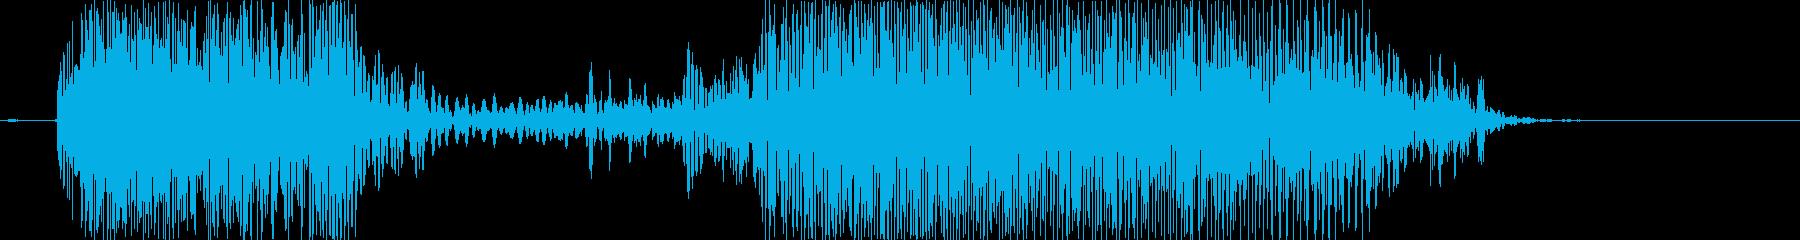 とりゃーっ!の再生済みの波形